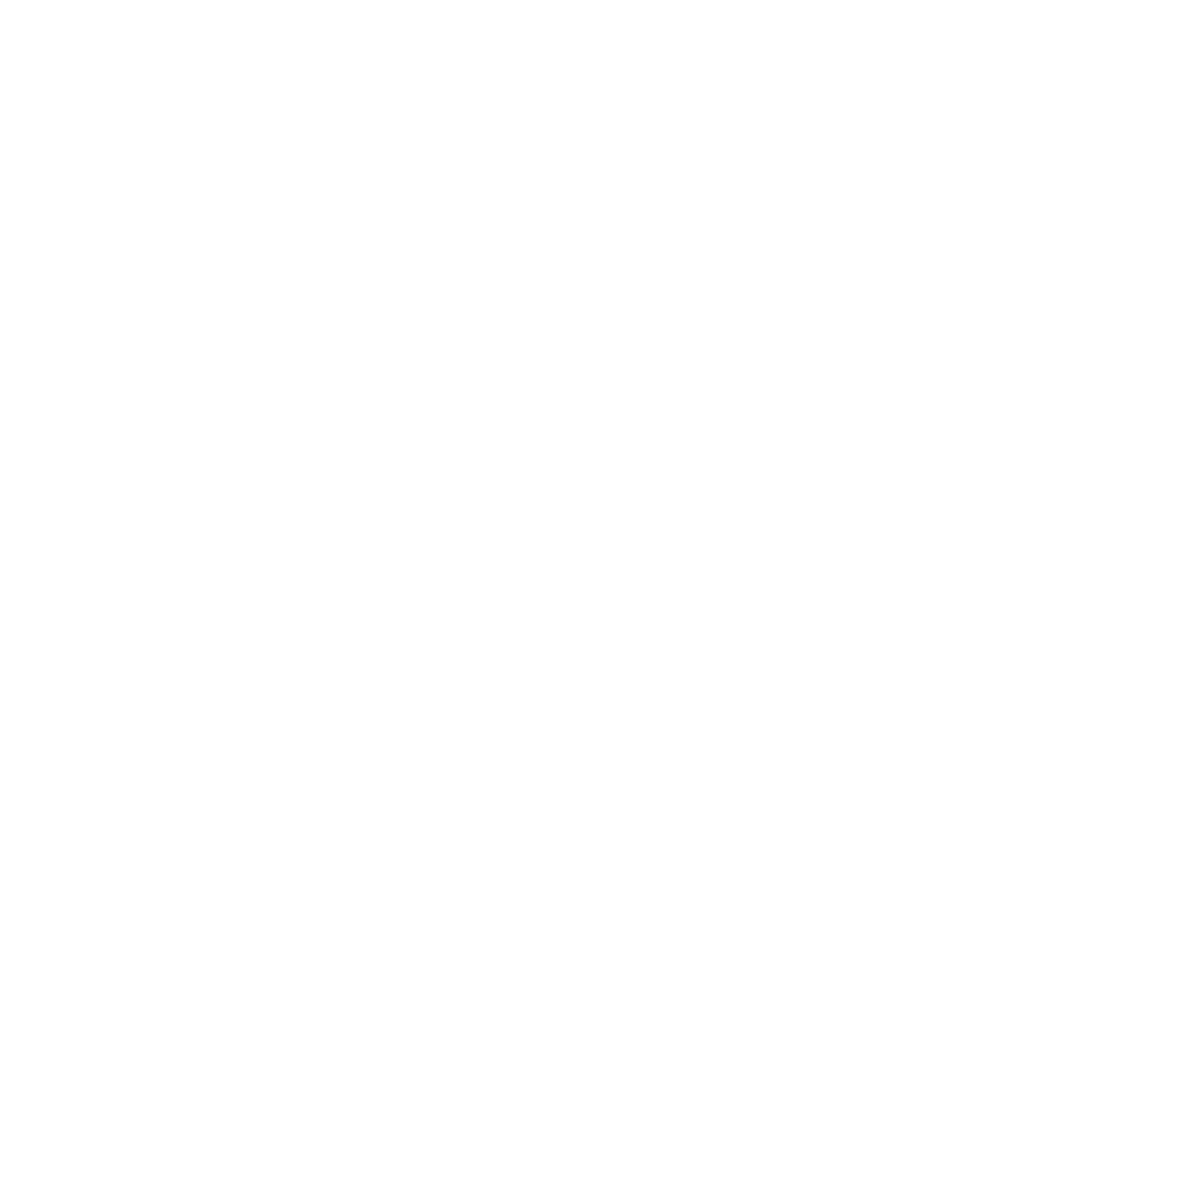 Colher Tramontina para Arroz em Aço Inox 63815/101 | Lojas Estrela